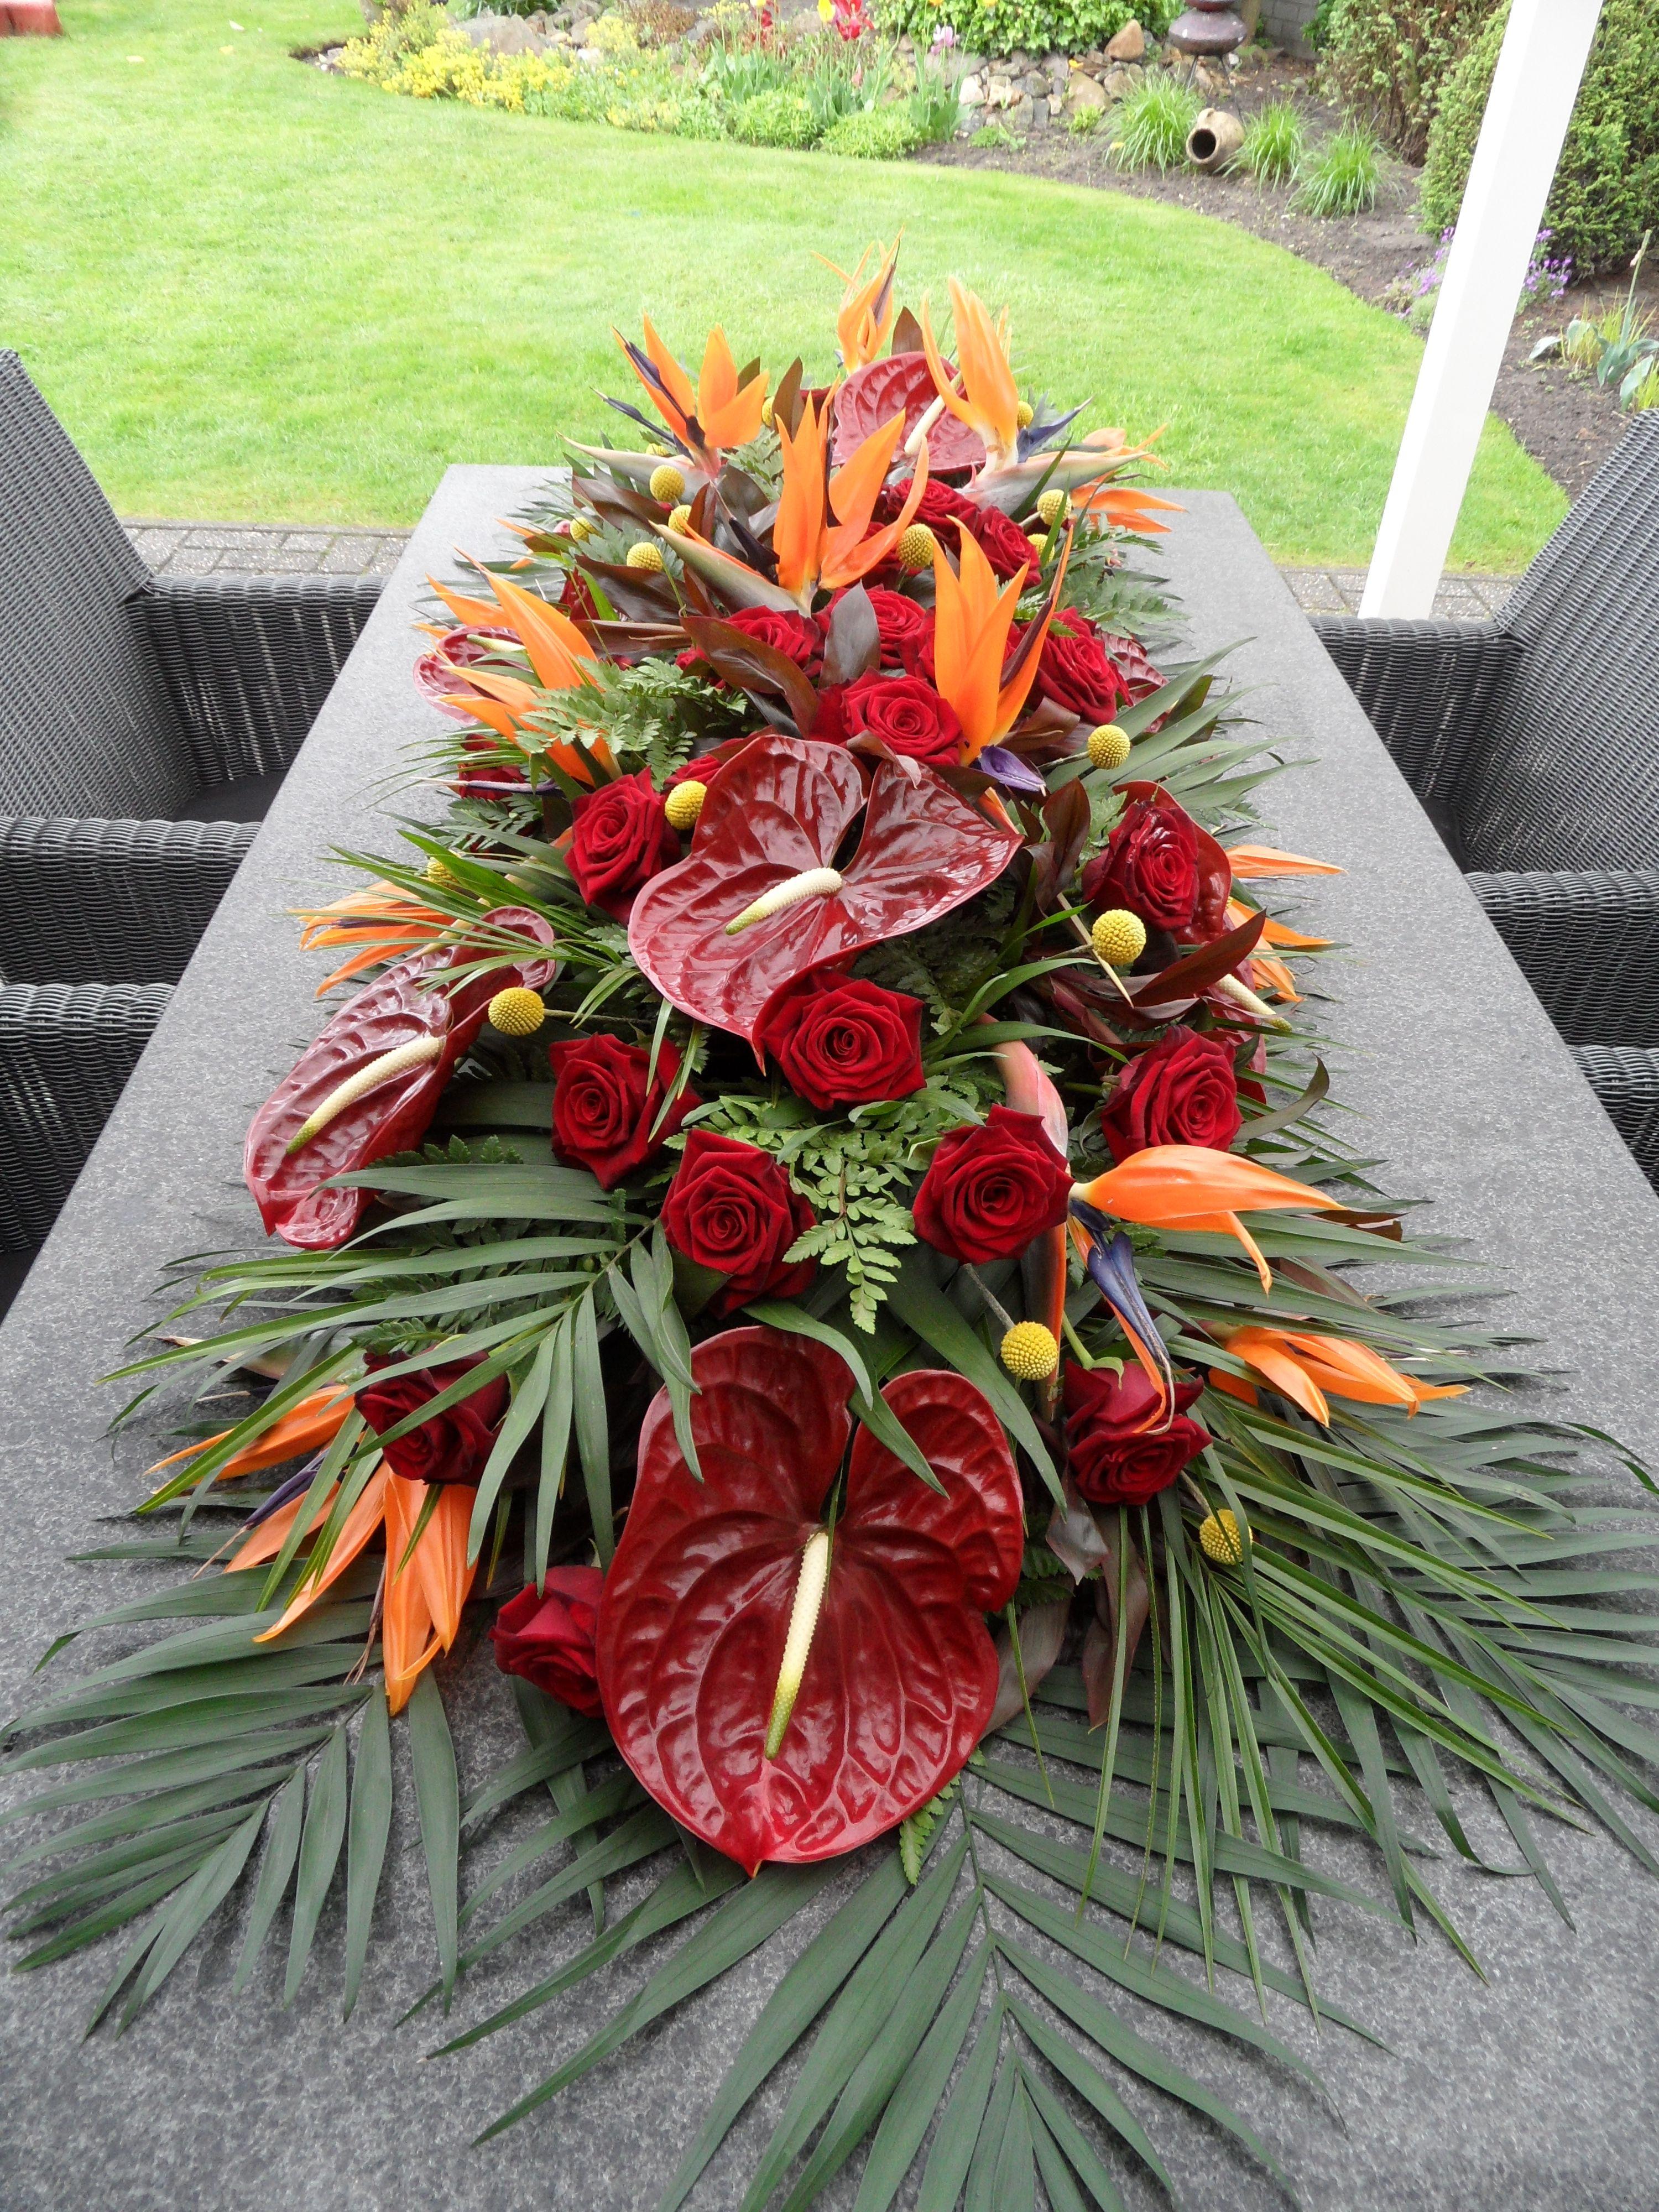 Floral design with anthurium Tropical flower arrangements